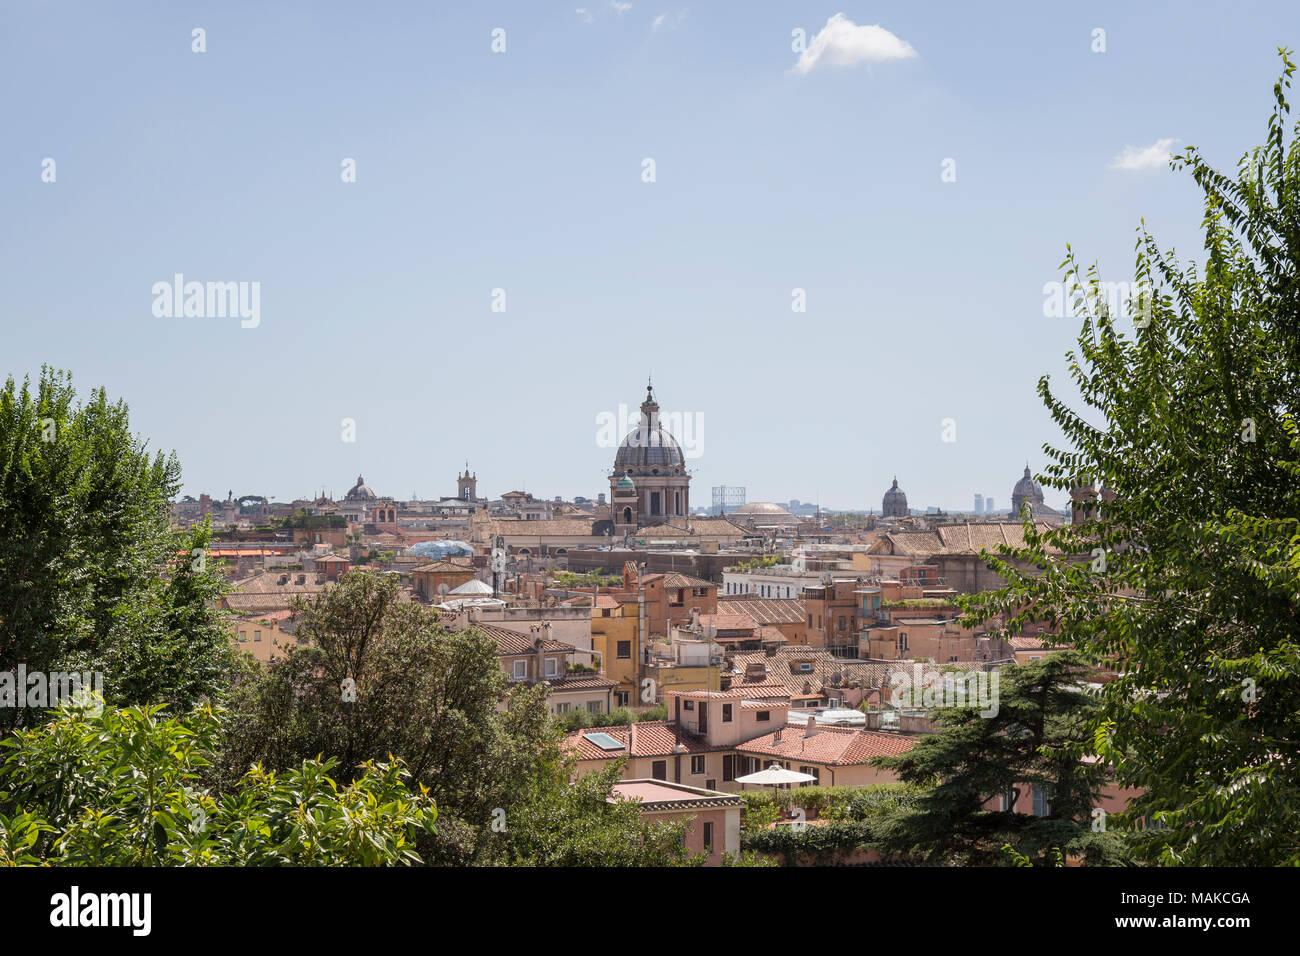 Die Skyline von Rom aus Terrazza del Pincio quer durch die Stadt mit ...